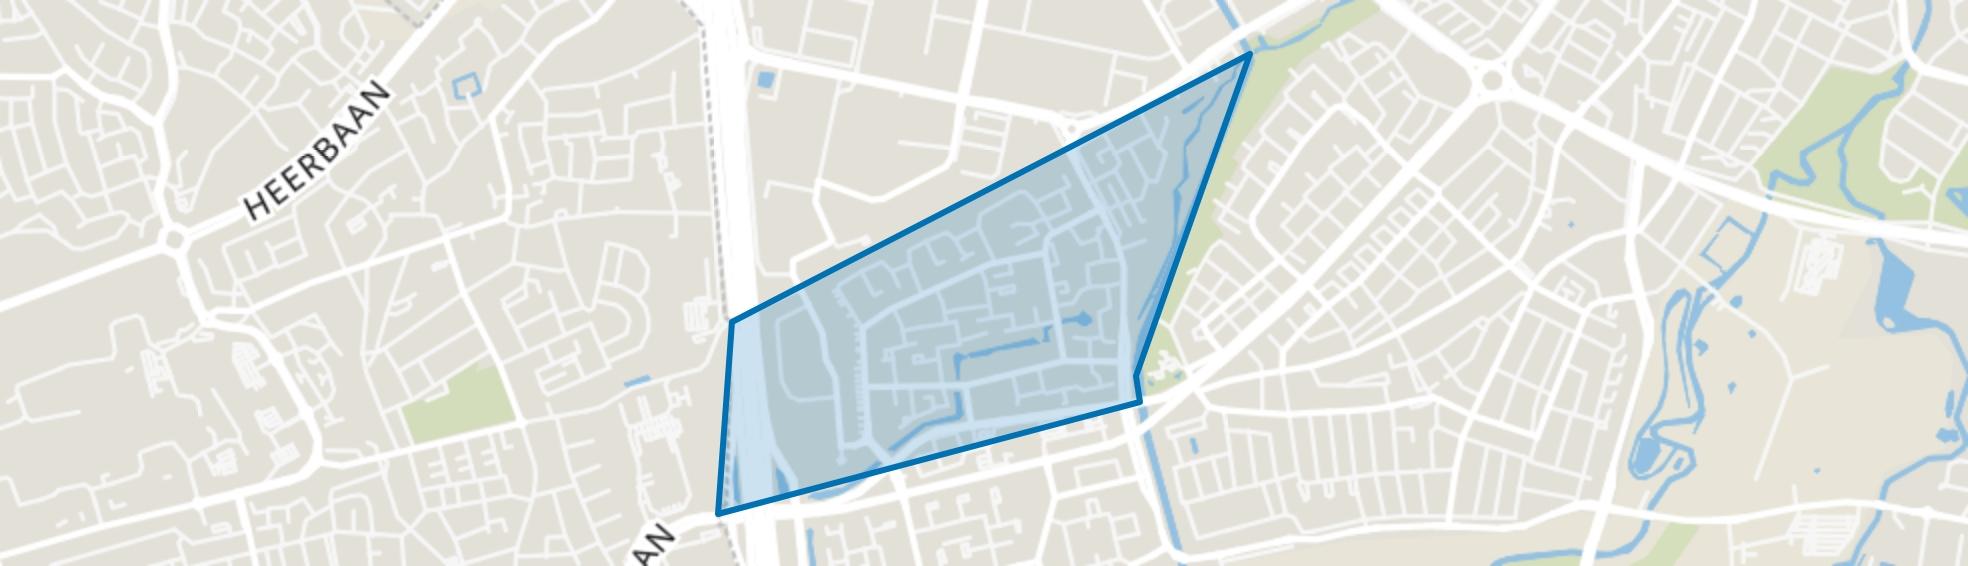 Genderbeemd, Eindhoven map